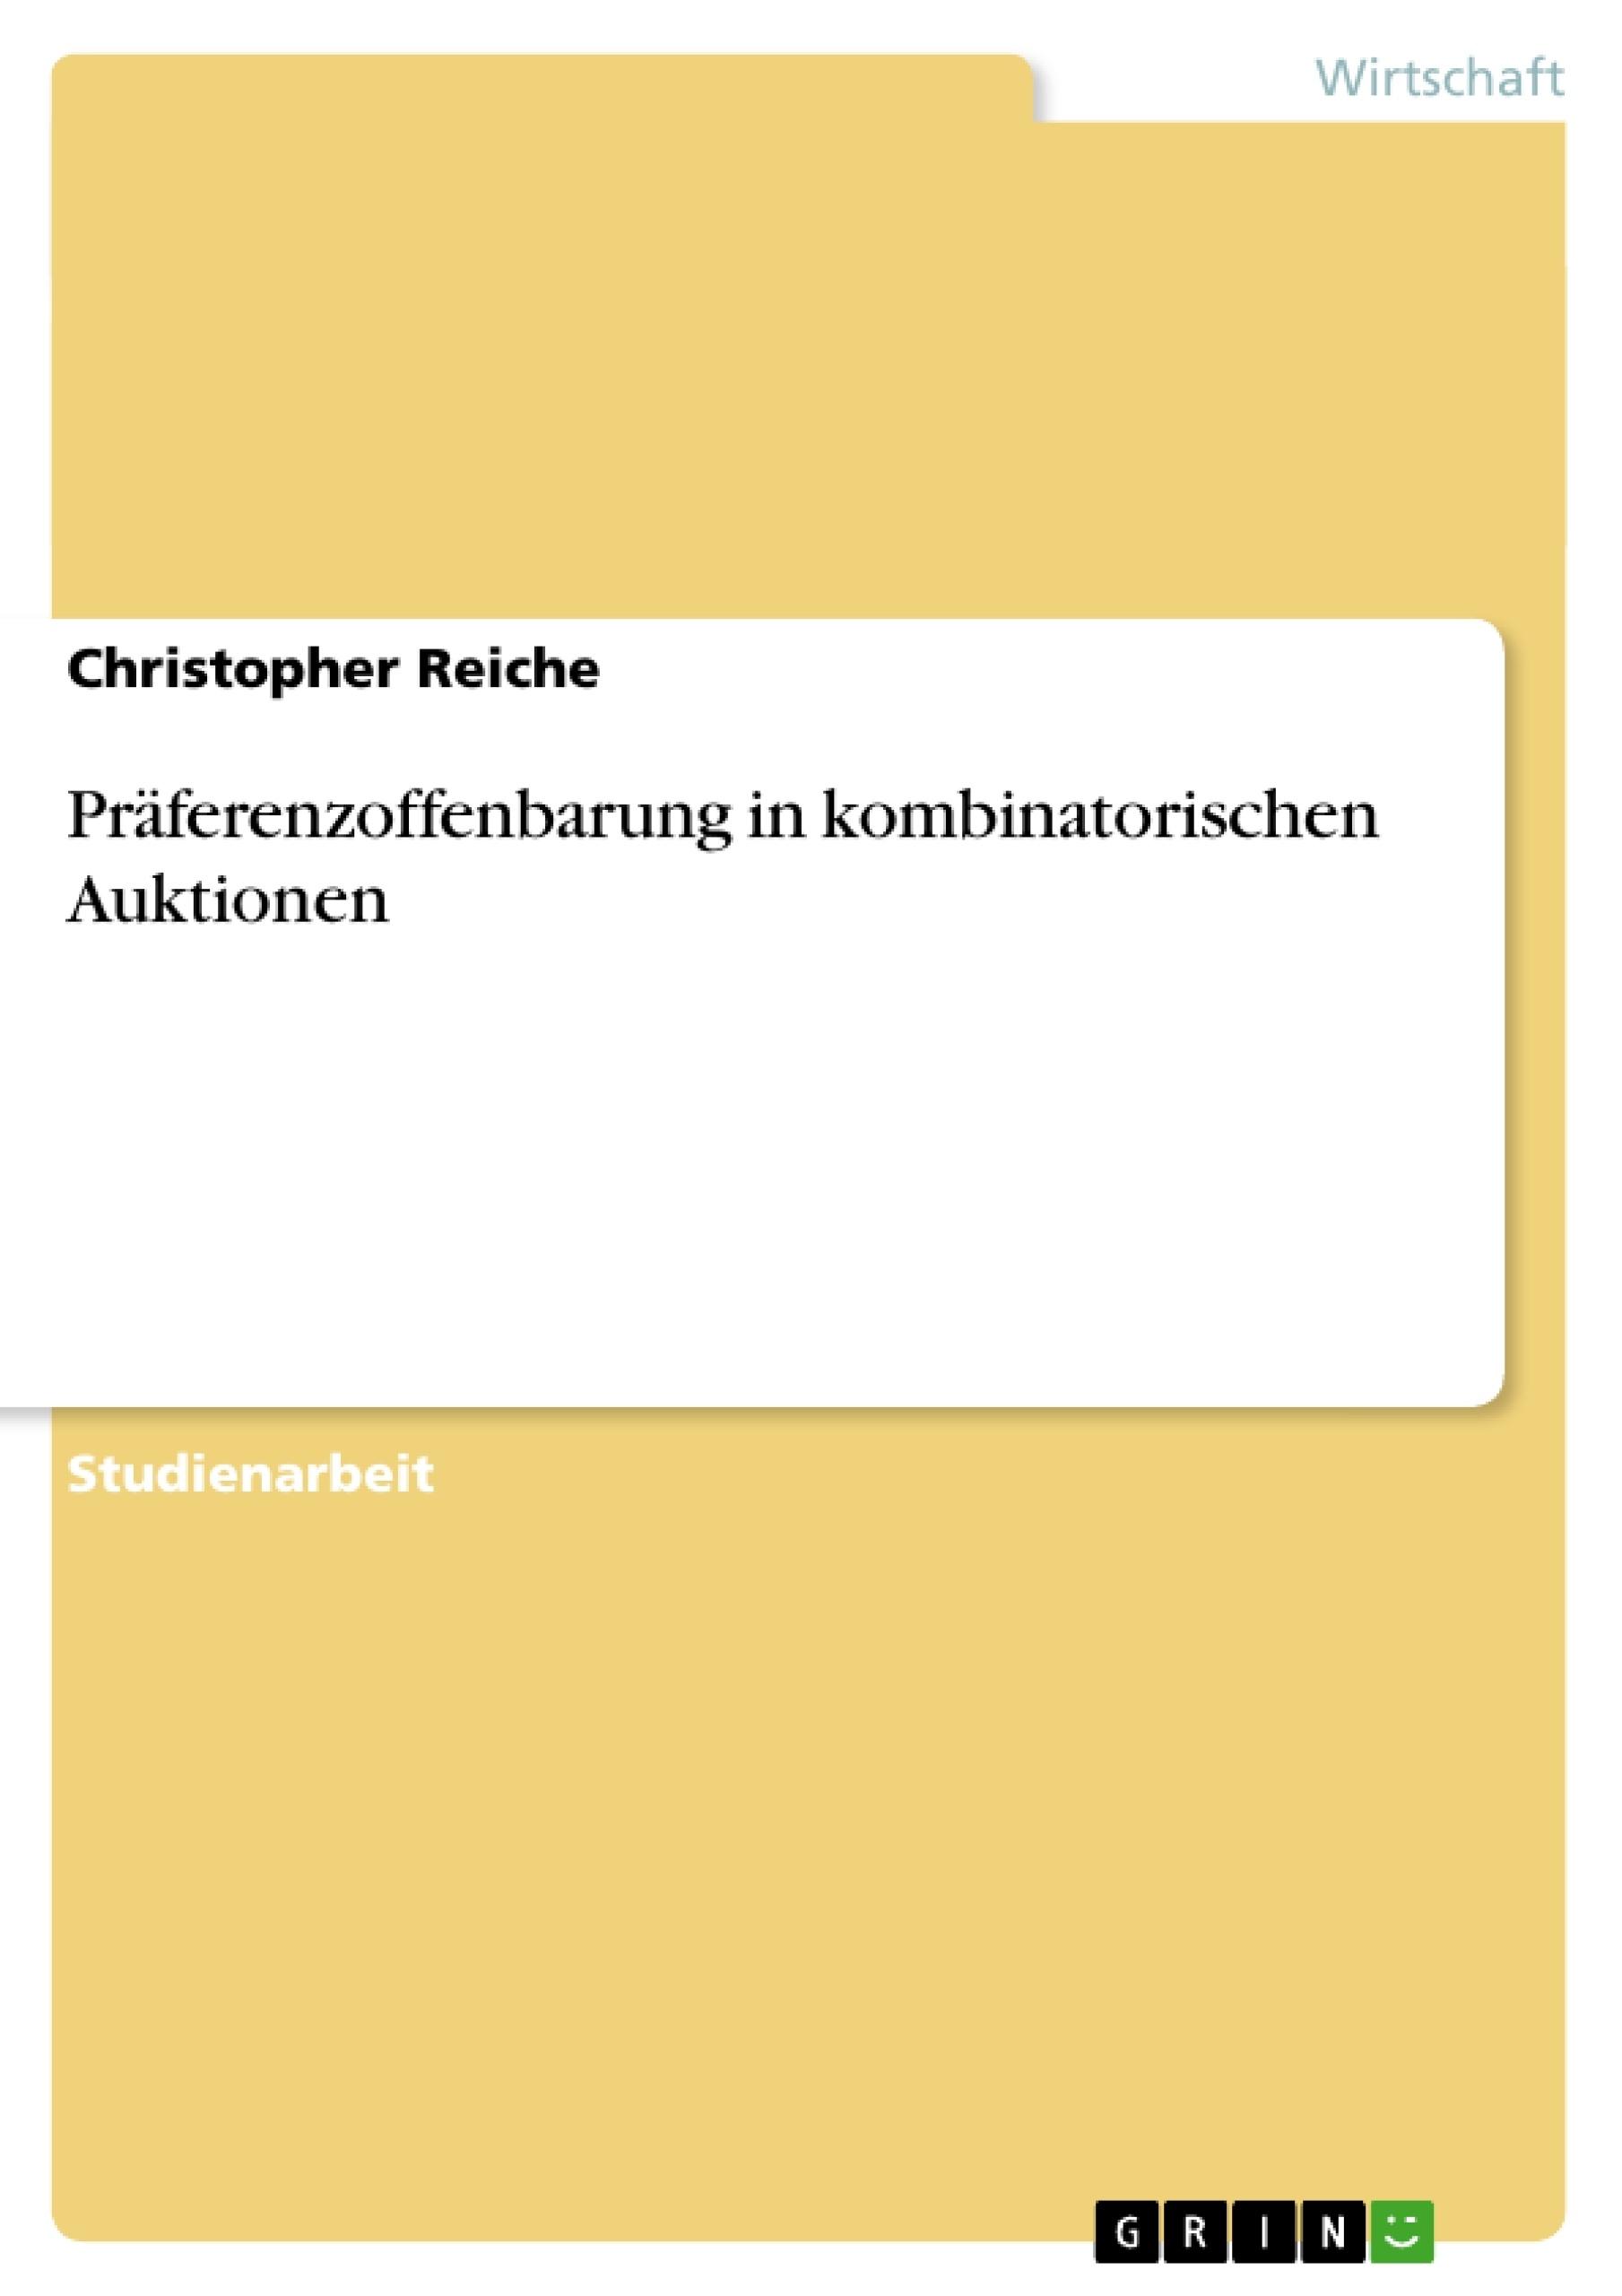 Titel: Präferenzoffenbarung in kombinatorischen Auktionen